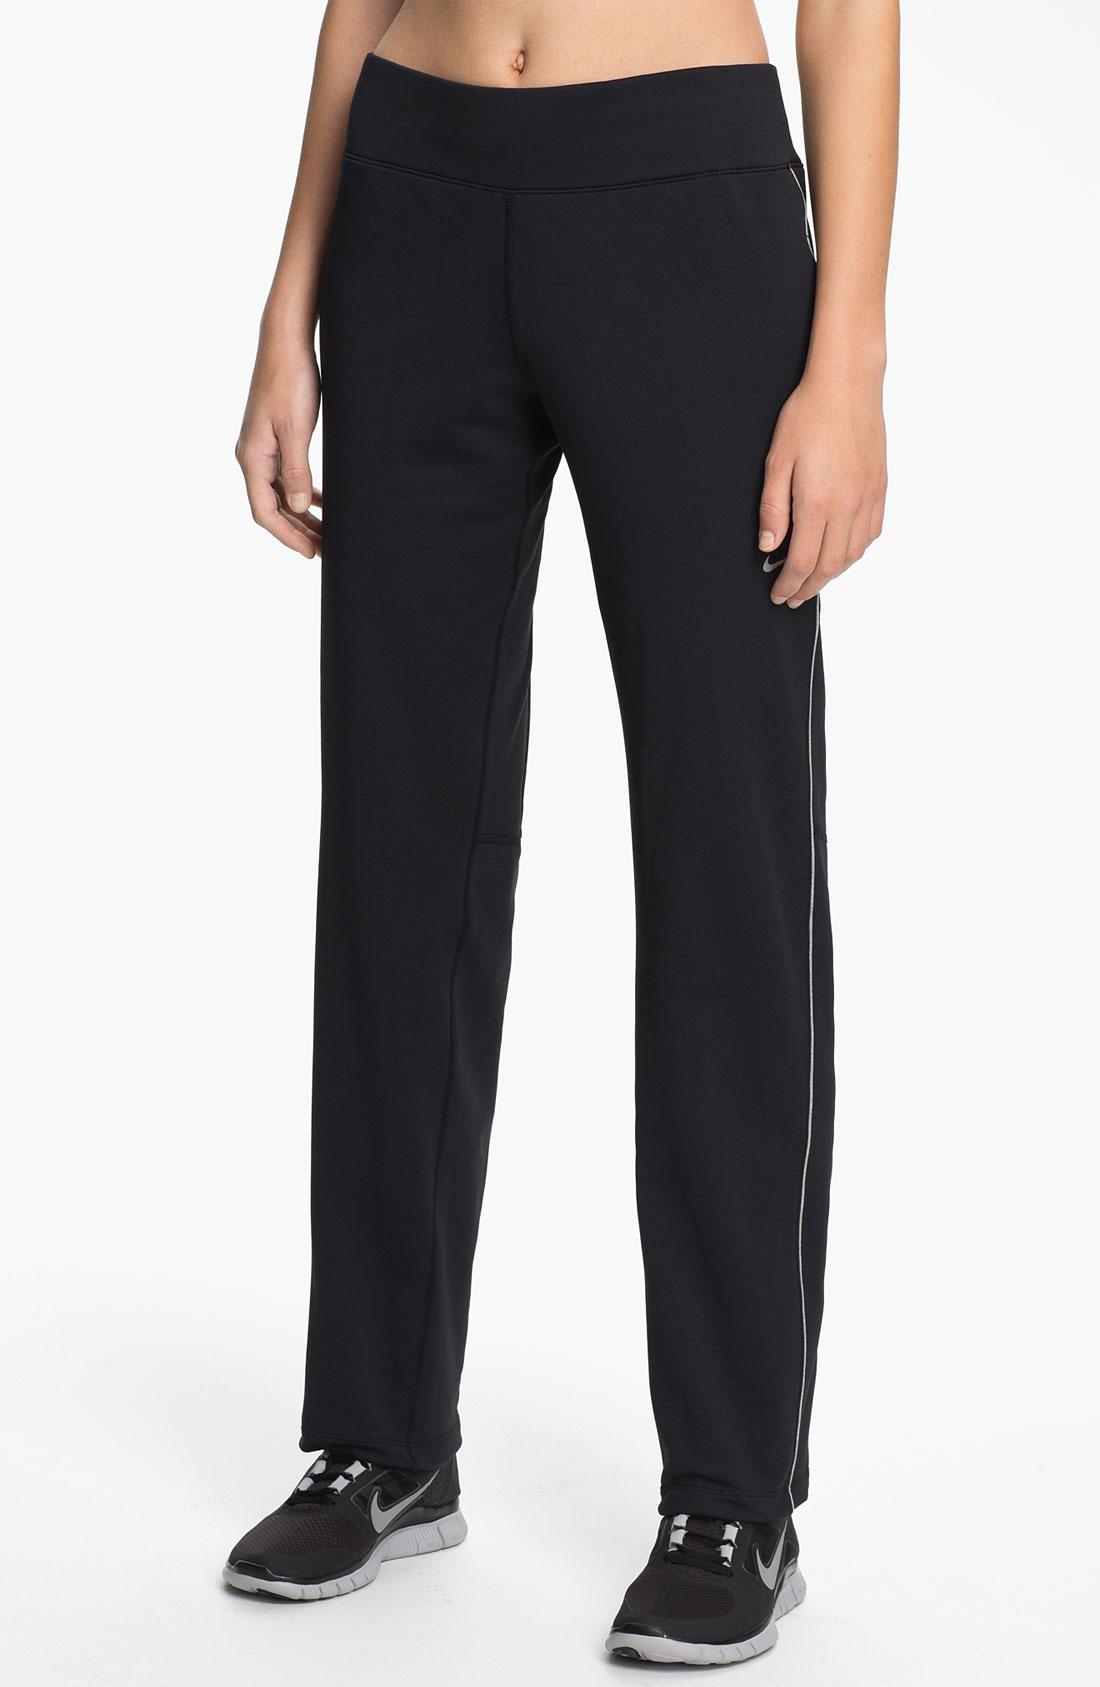 Nike Thermal Running Pants in Black | Lyst